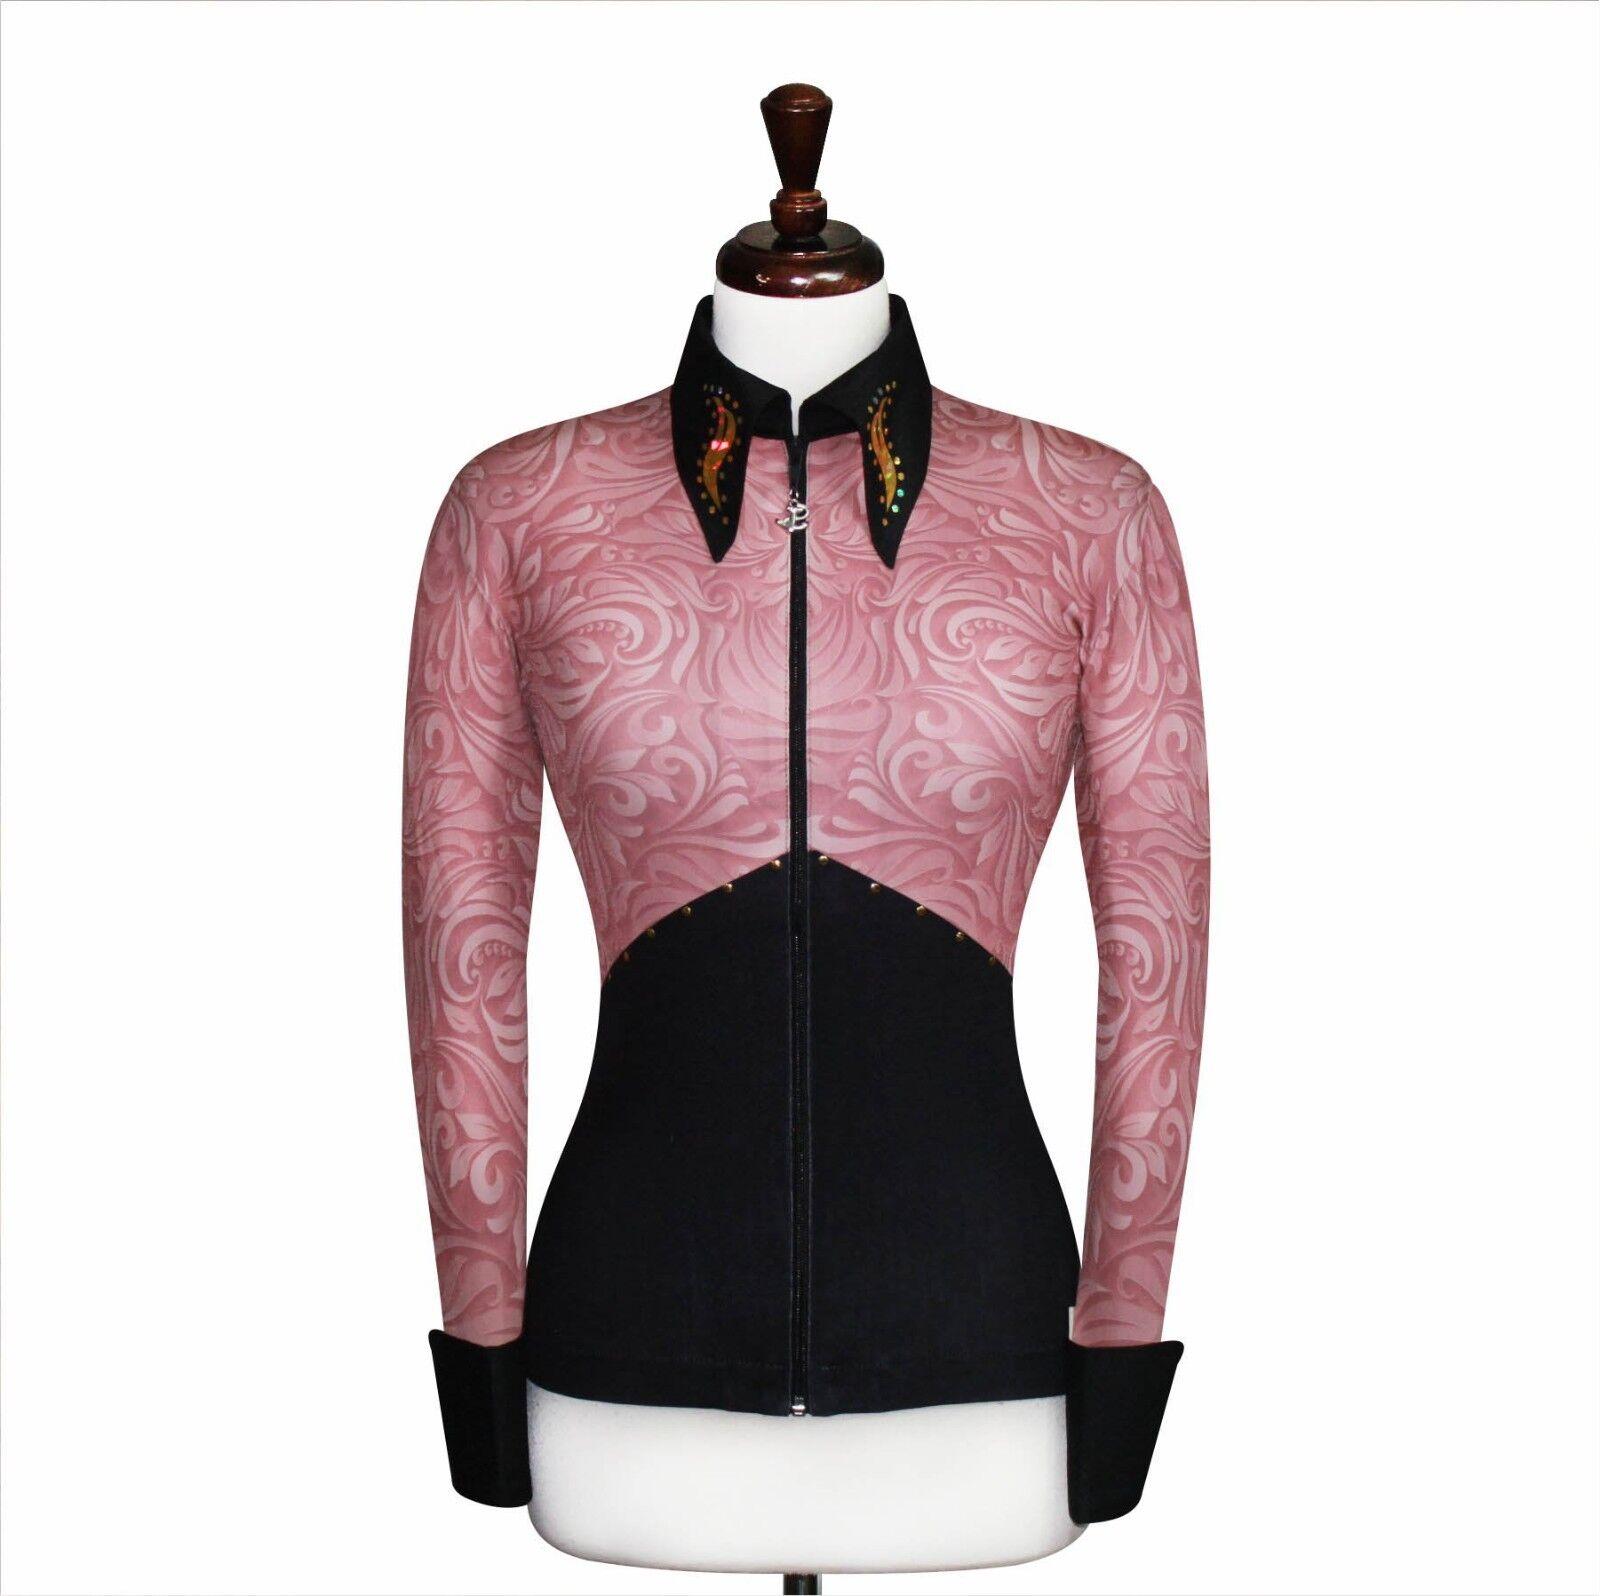 Pequeño  teatralidad  placer Equitación Chaqueta Camisa Rodeo Reina Traje de Cocheril  descuento de ventas en línea